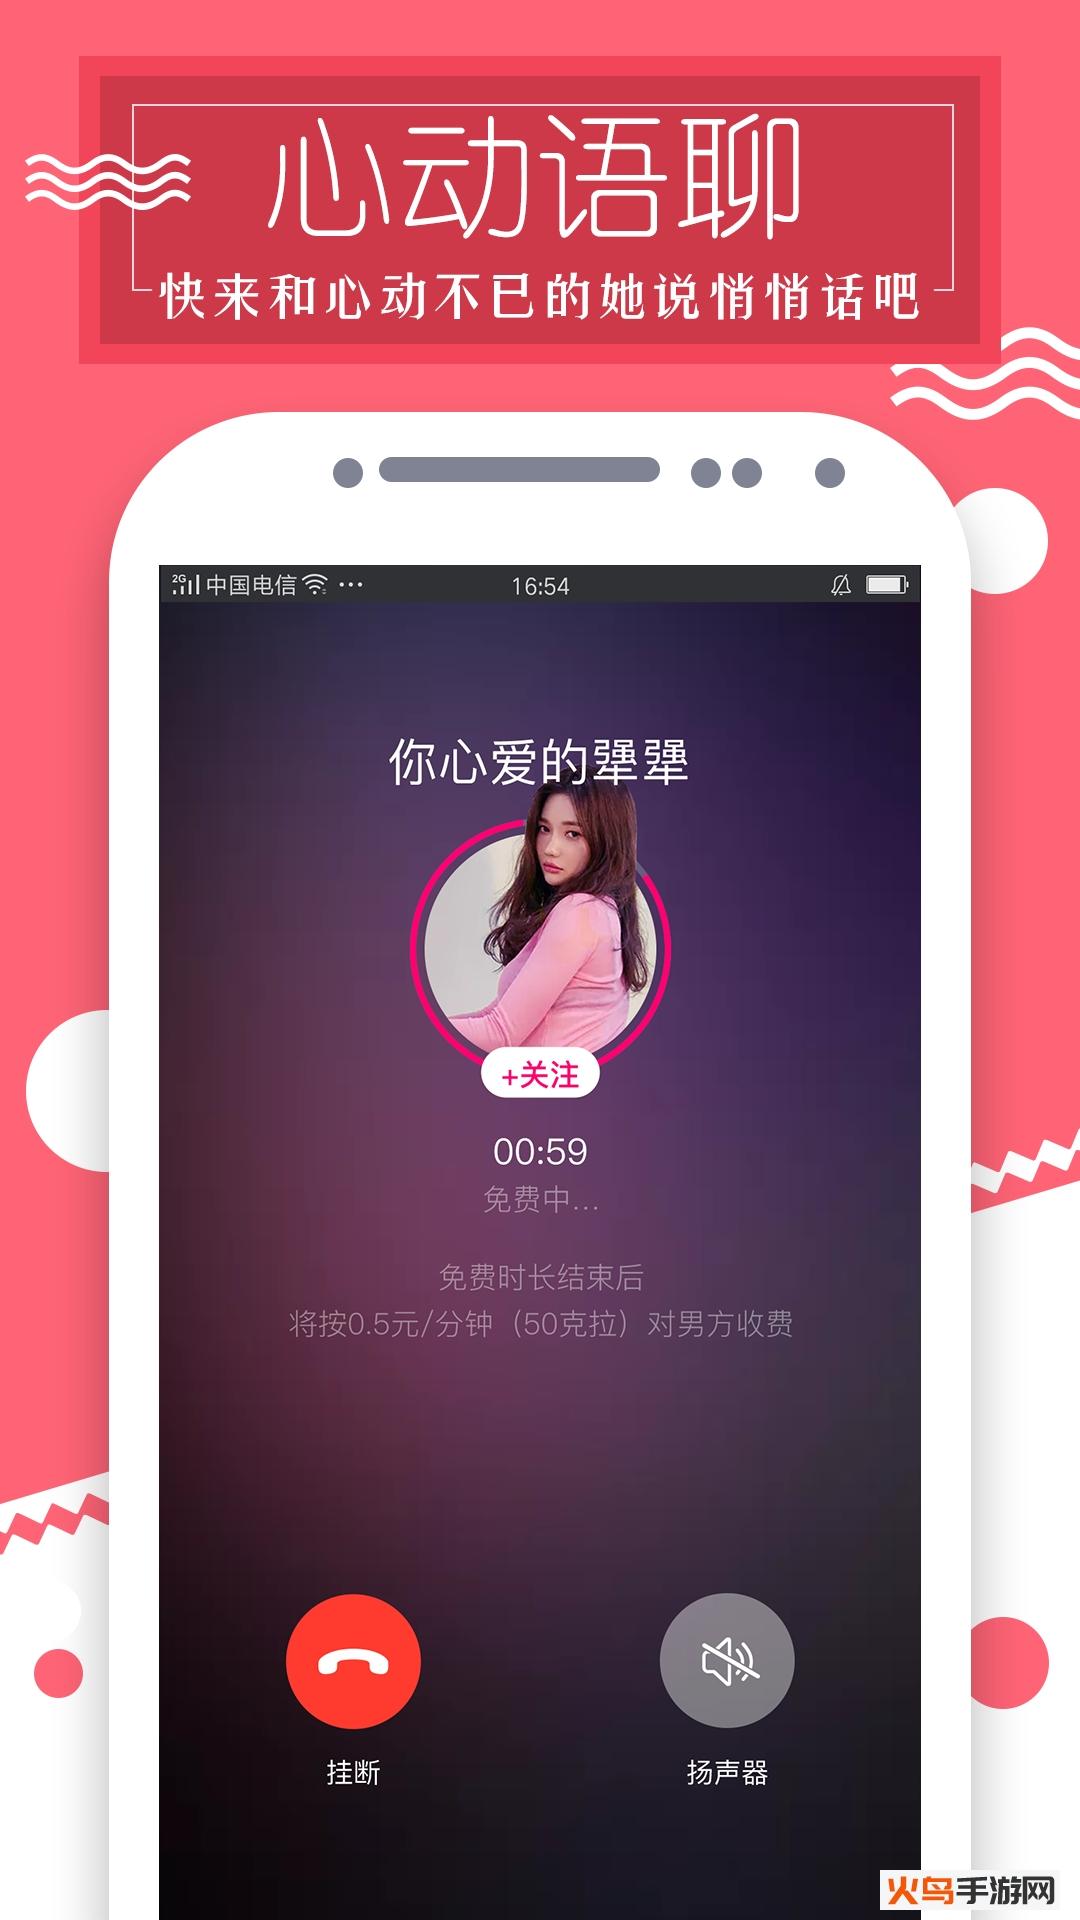 彩妹妹直播app截图2